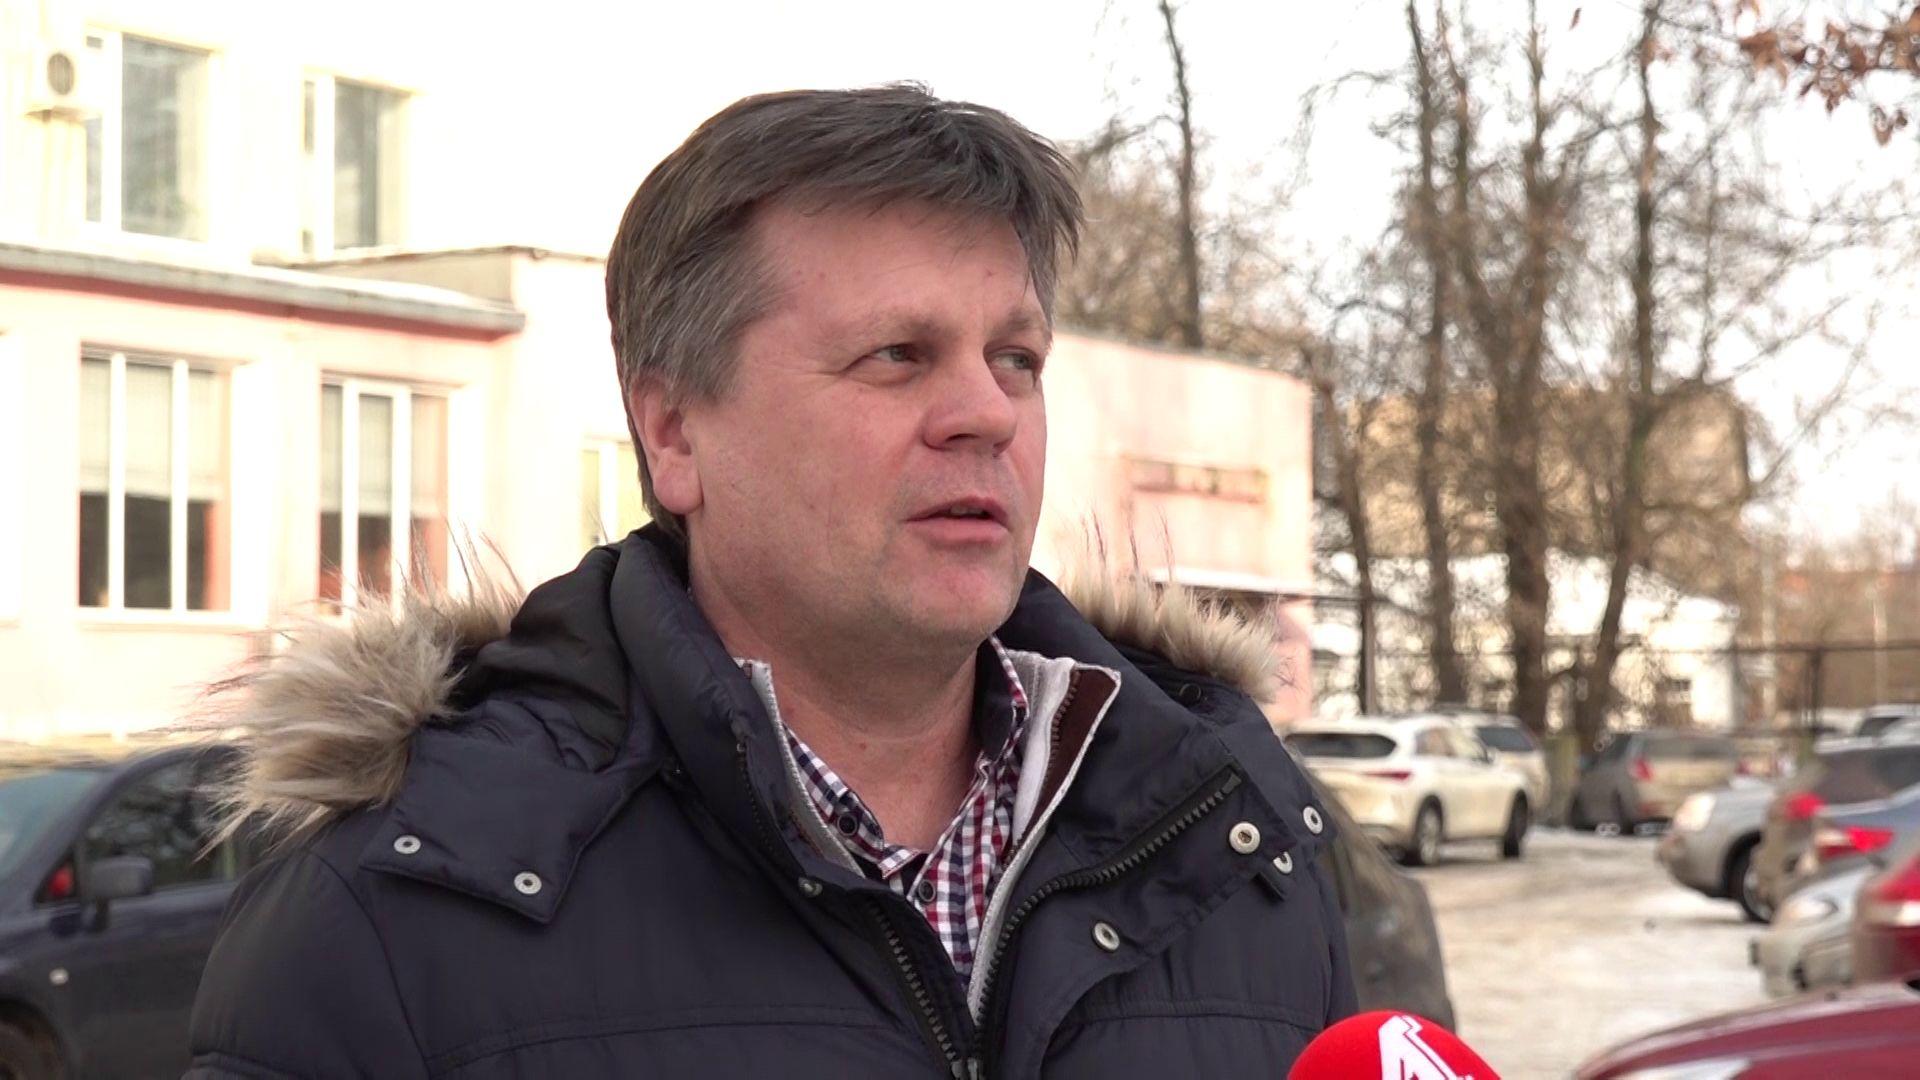 Социологи отметили, что митинг в Ярославле оказался немногочисленным